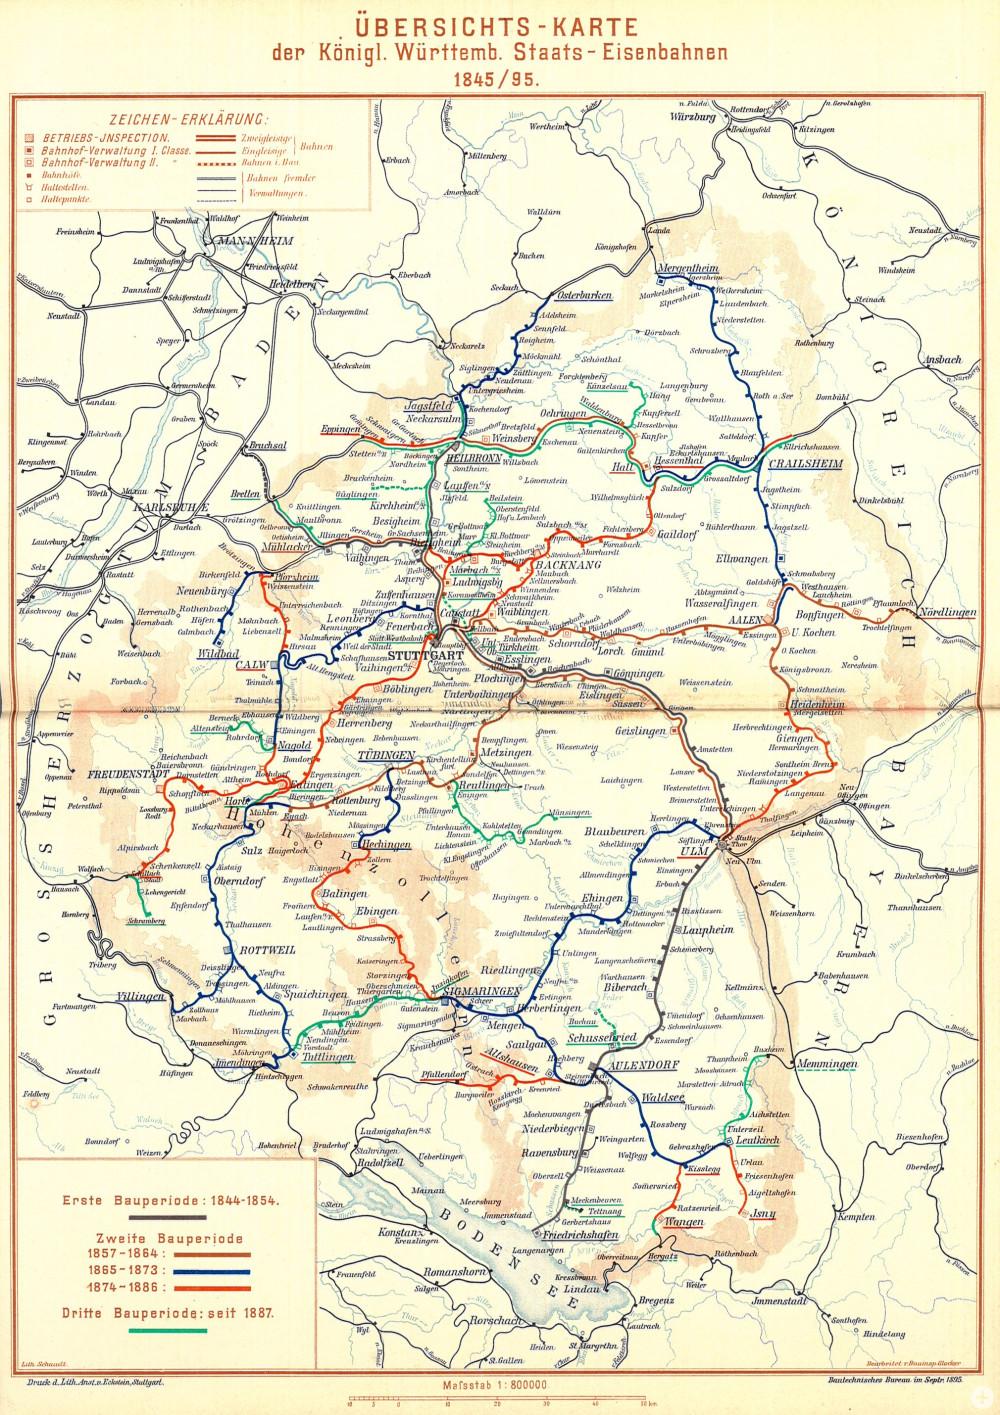 Eisenbahnkarte aus dem Jahr 1895